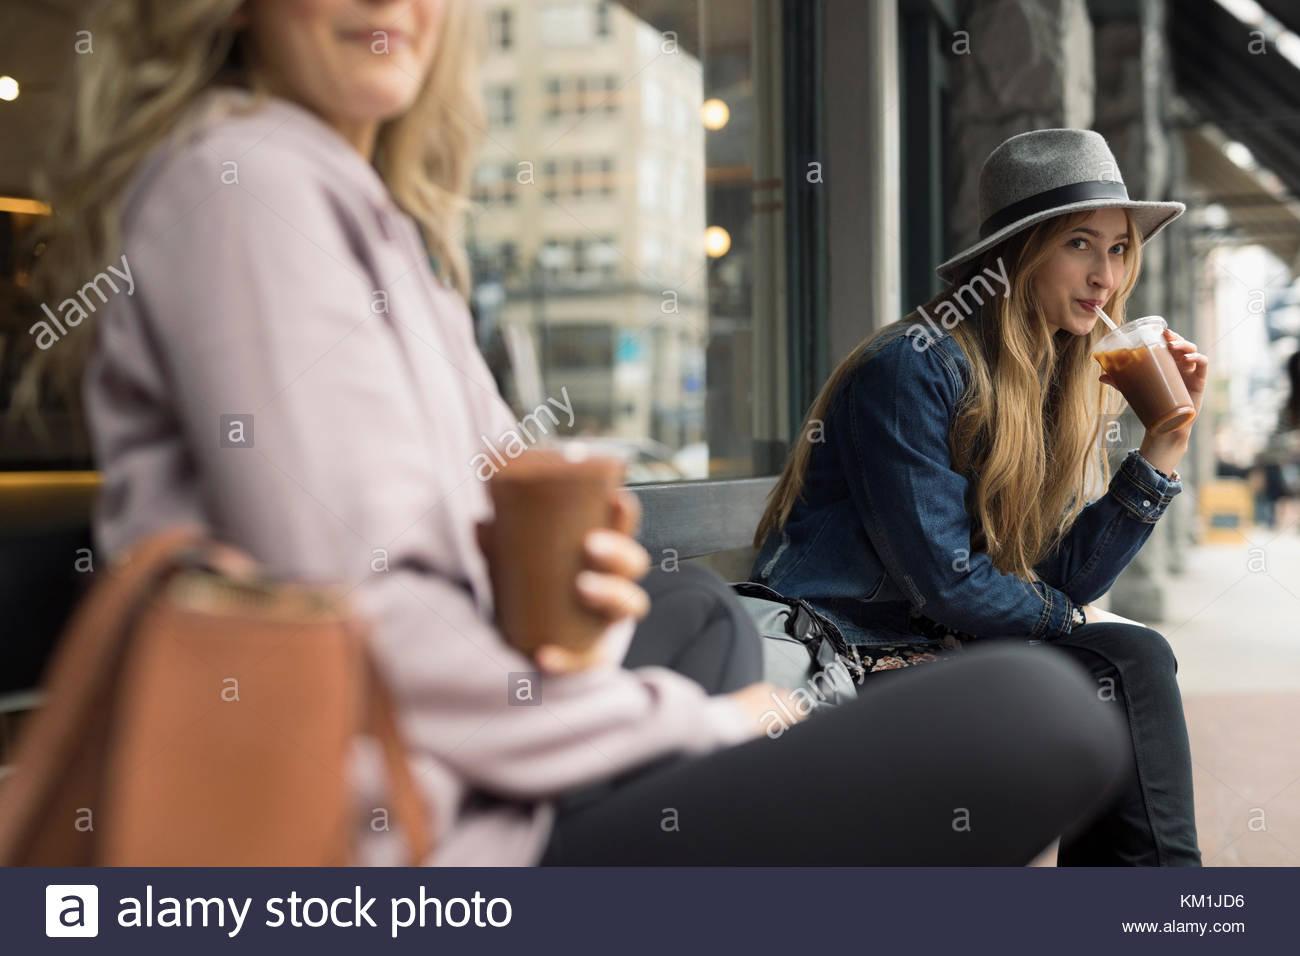 Las mujeres jóvenes amigos bebiendo café helado en un banco en la cafetería Imagen De Stock